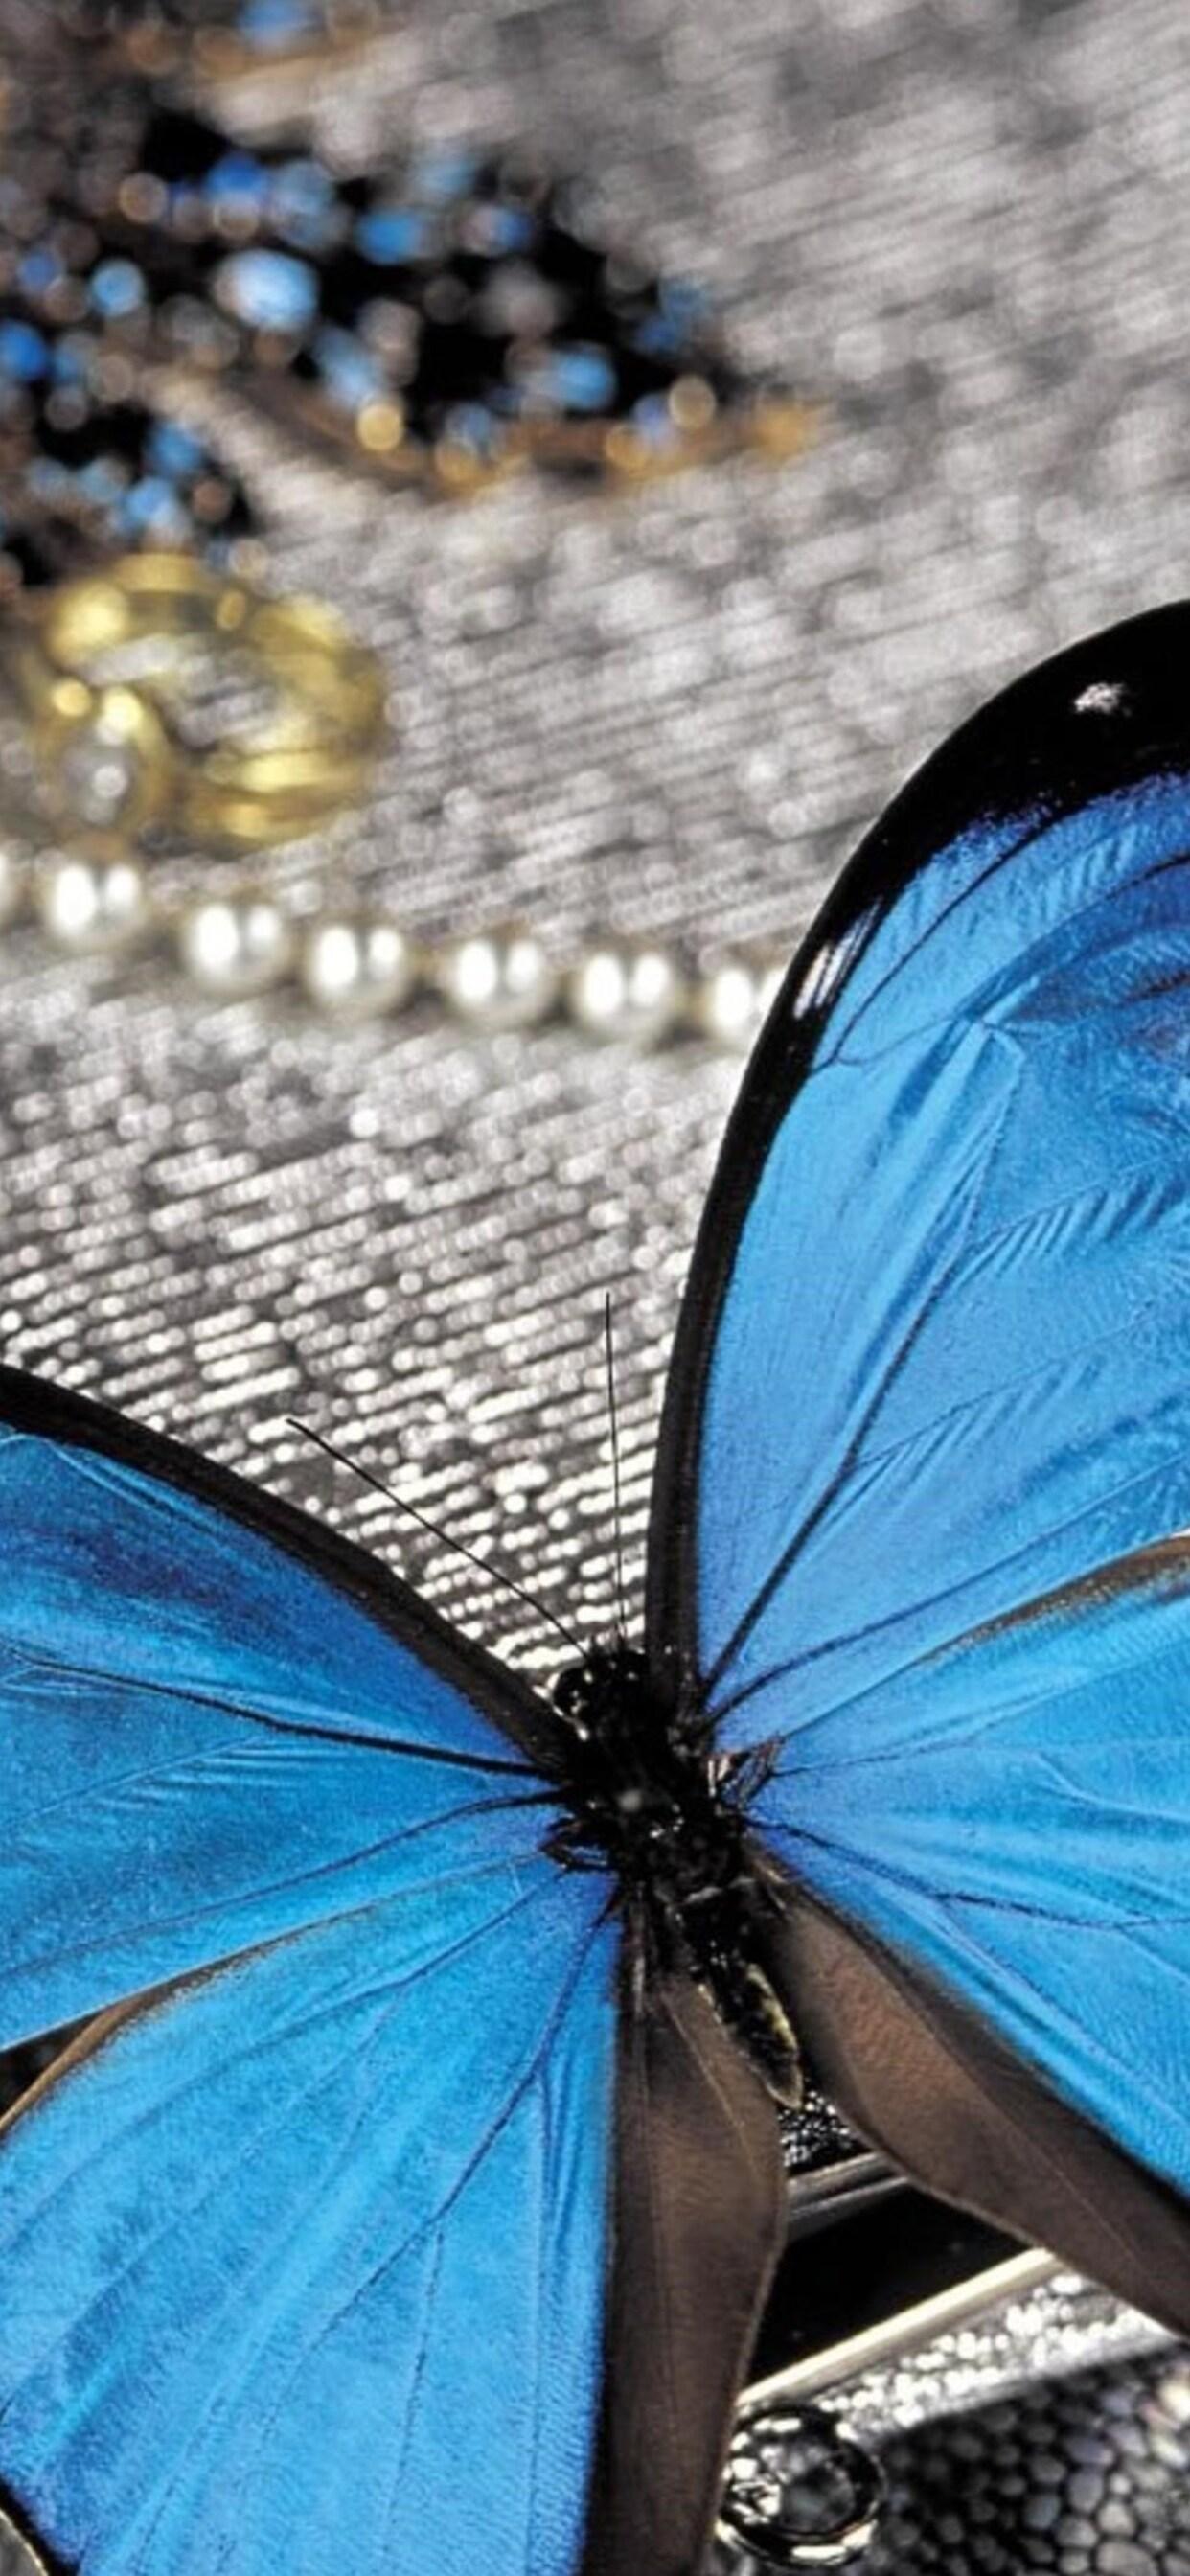 blue-butterfly-on-pearls.jpg